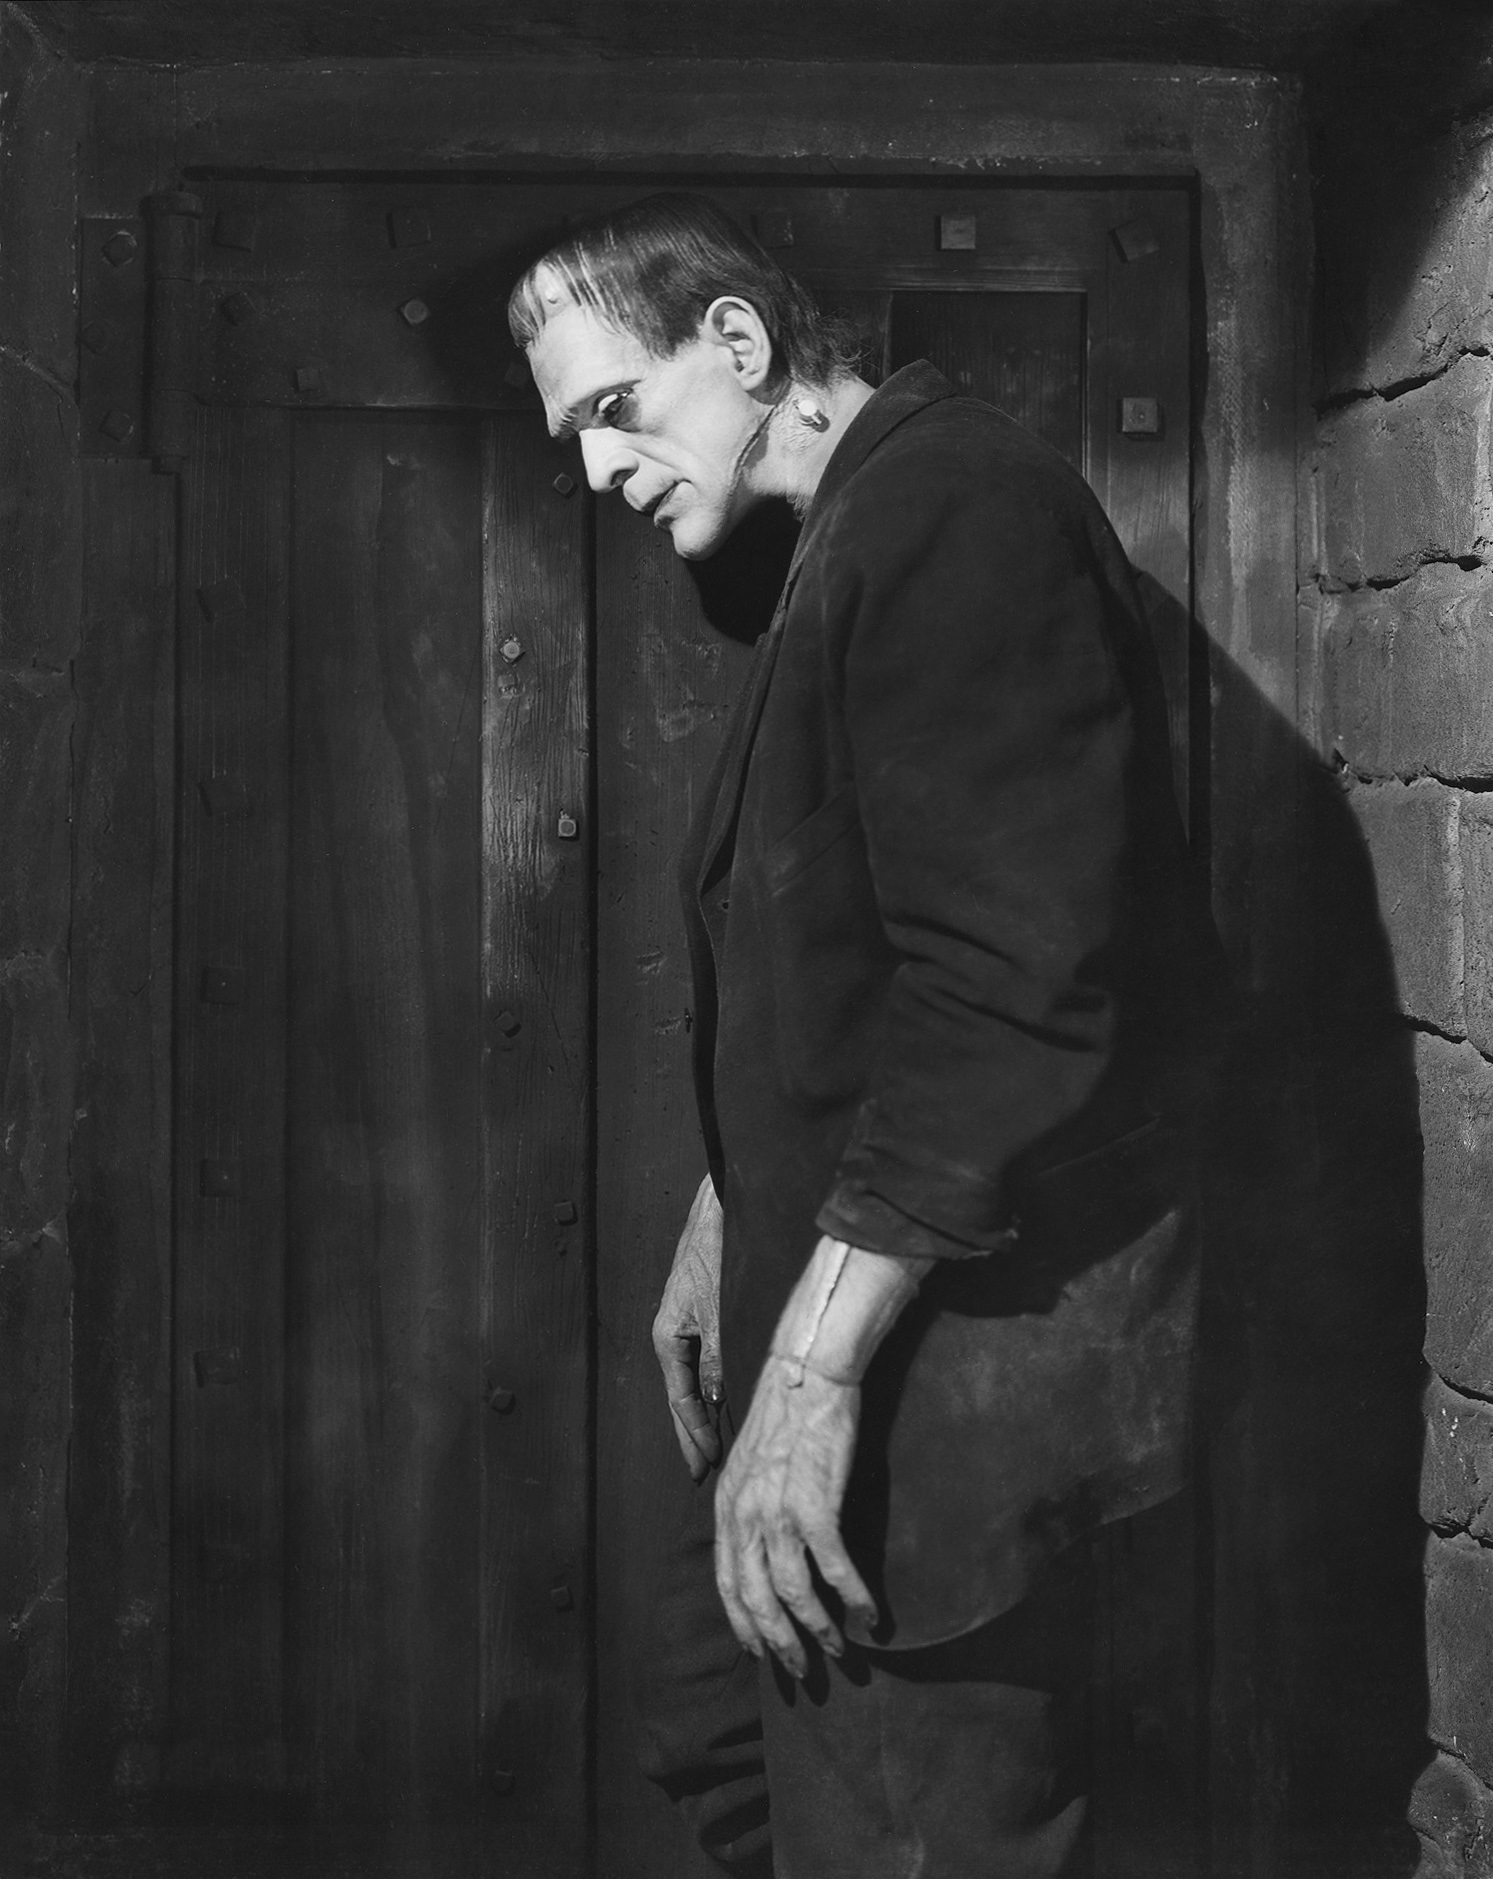 Frankenstein movie 1931 summary